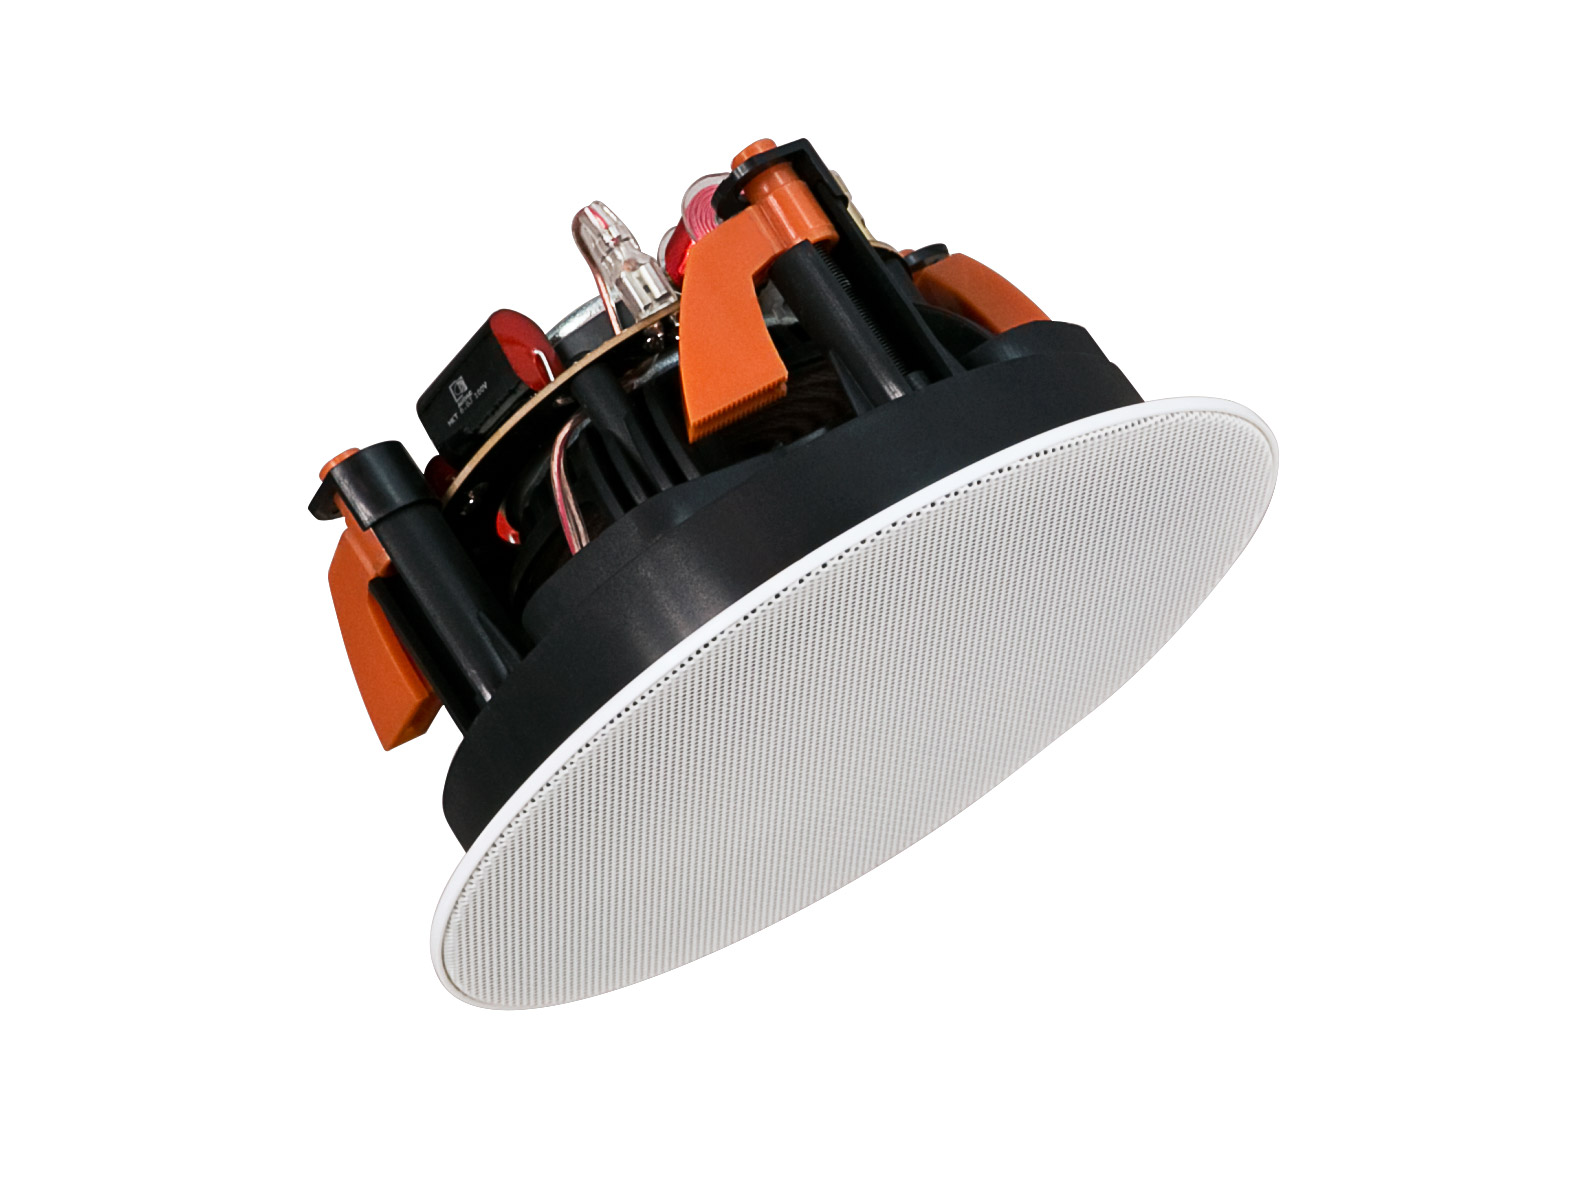 Afbeelding van Audac Celo 5 Plafond luidspreker - wit - 8 ohm - 50 Watt